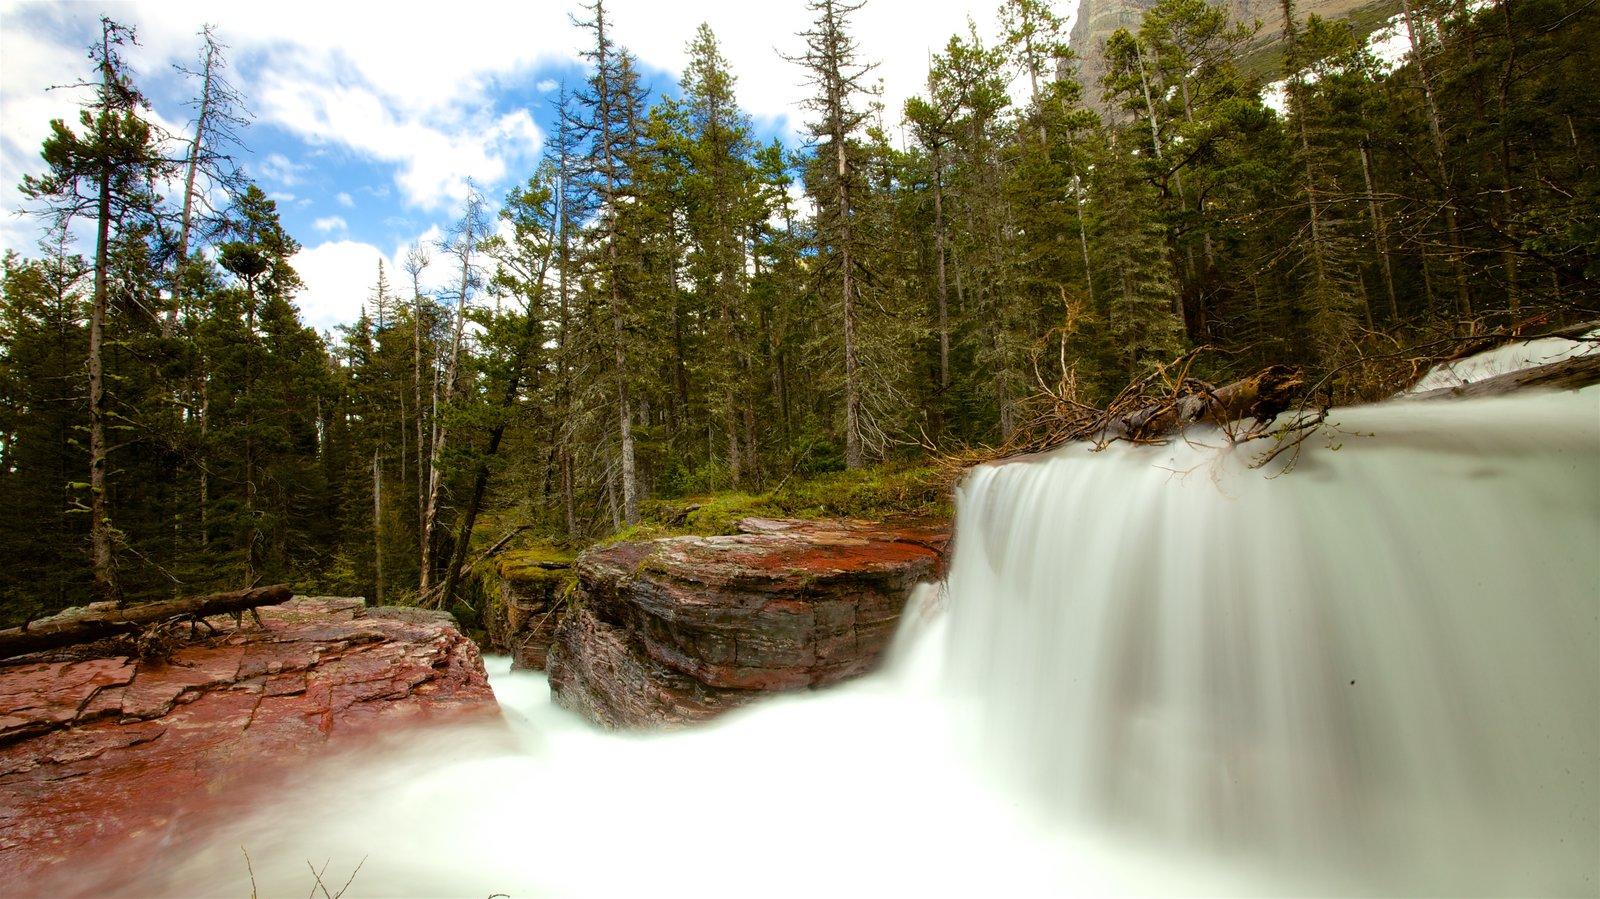 Parque Nacional de los Glaciares ofreciendo un río o arroyo y escenas forestales